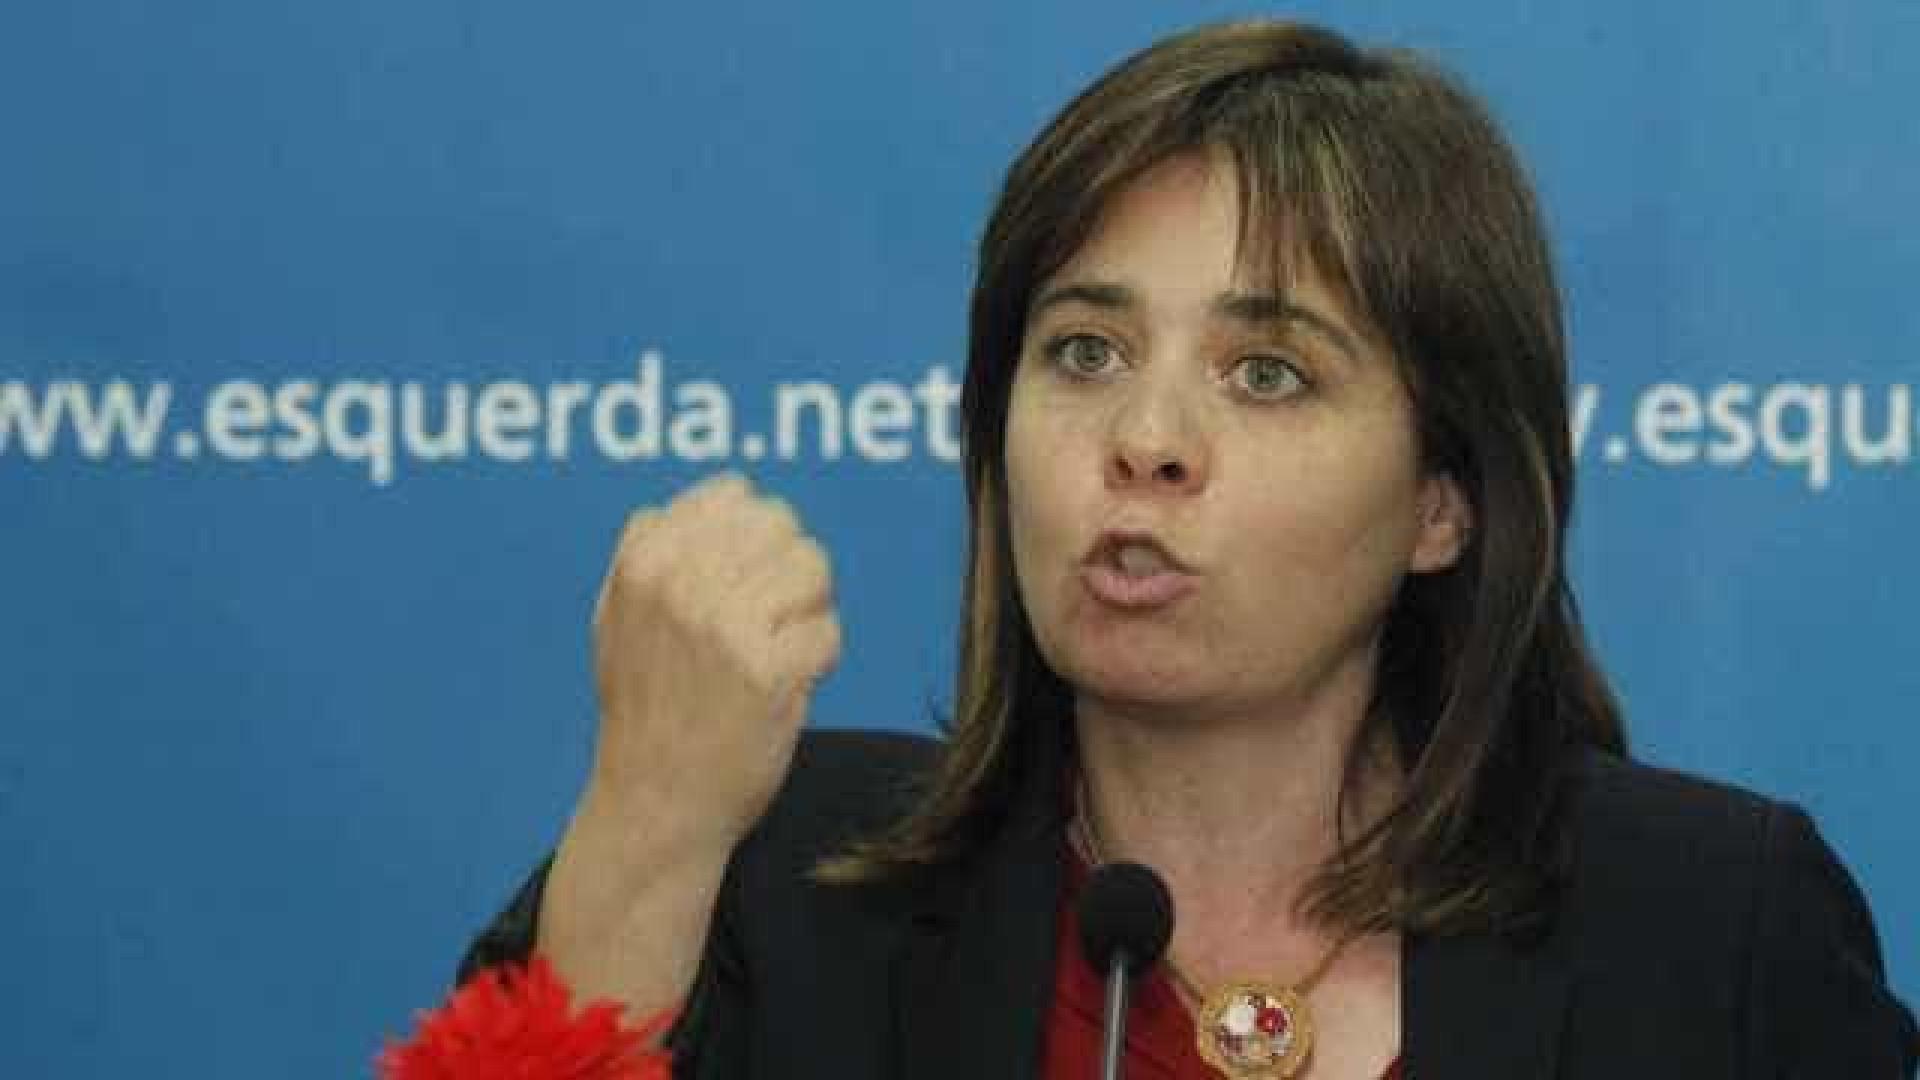 Bloco contraria PS e defende aumentos na função pública em 2019